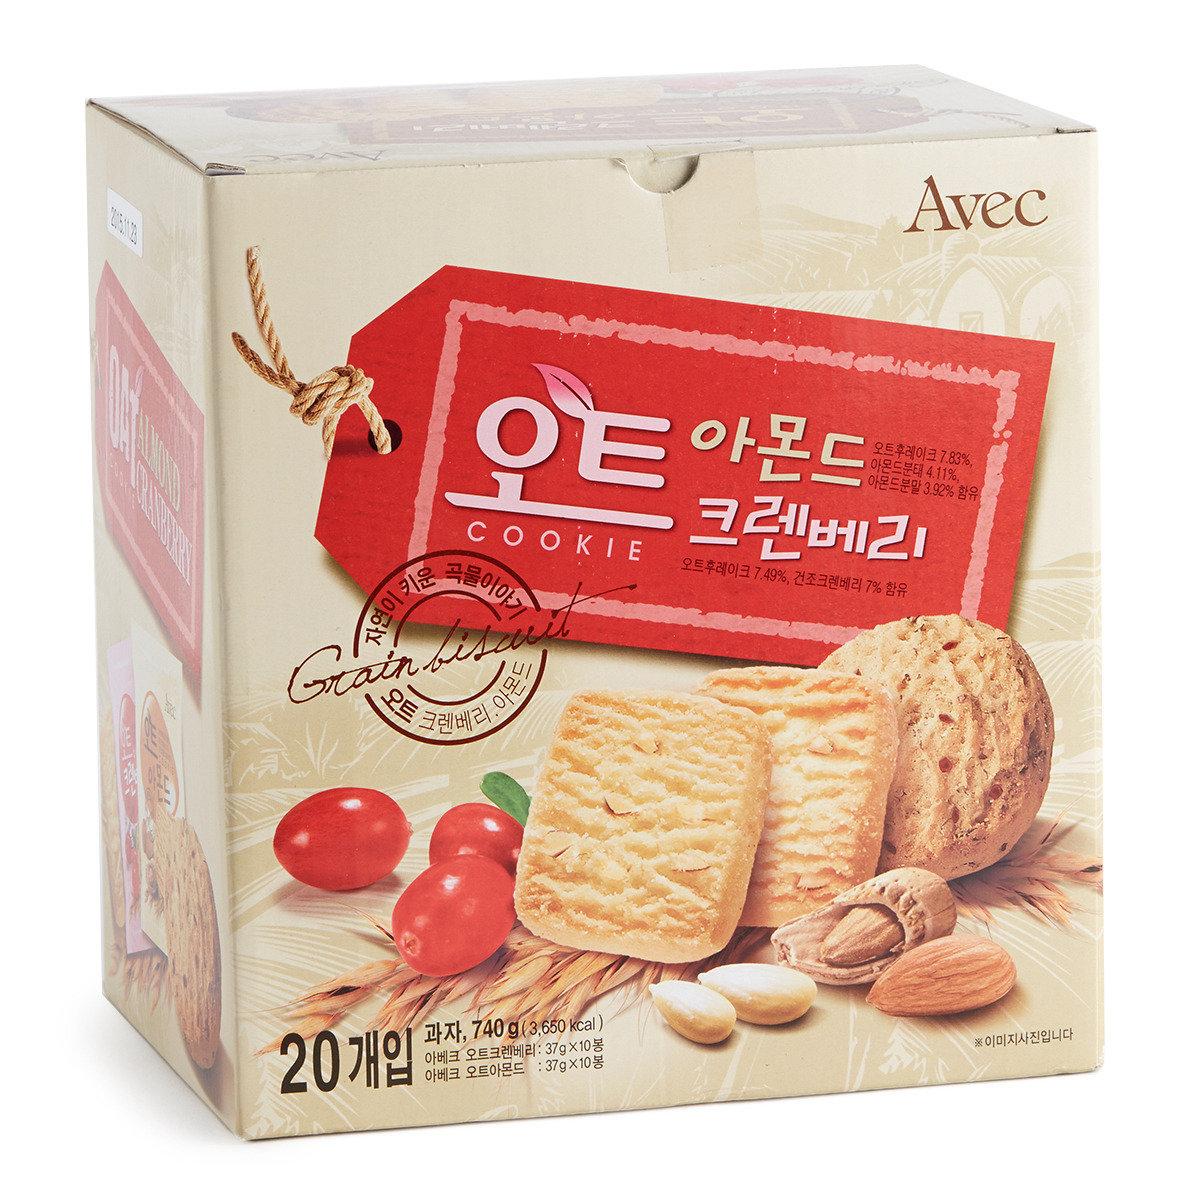 韓國盒裝燕麥曲奇(燕麥杏仁+燕麥紅莓) (賞味期限:09/11/2016)